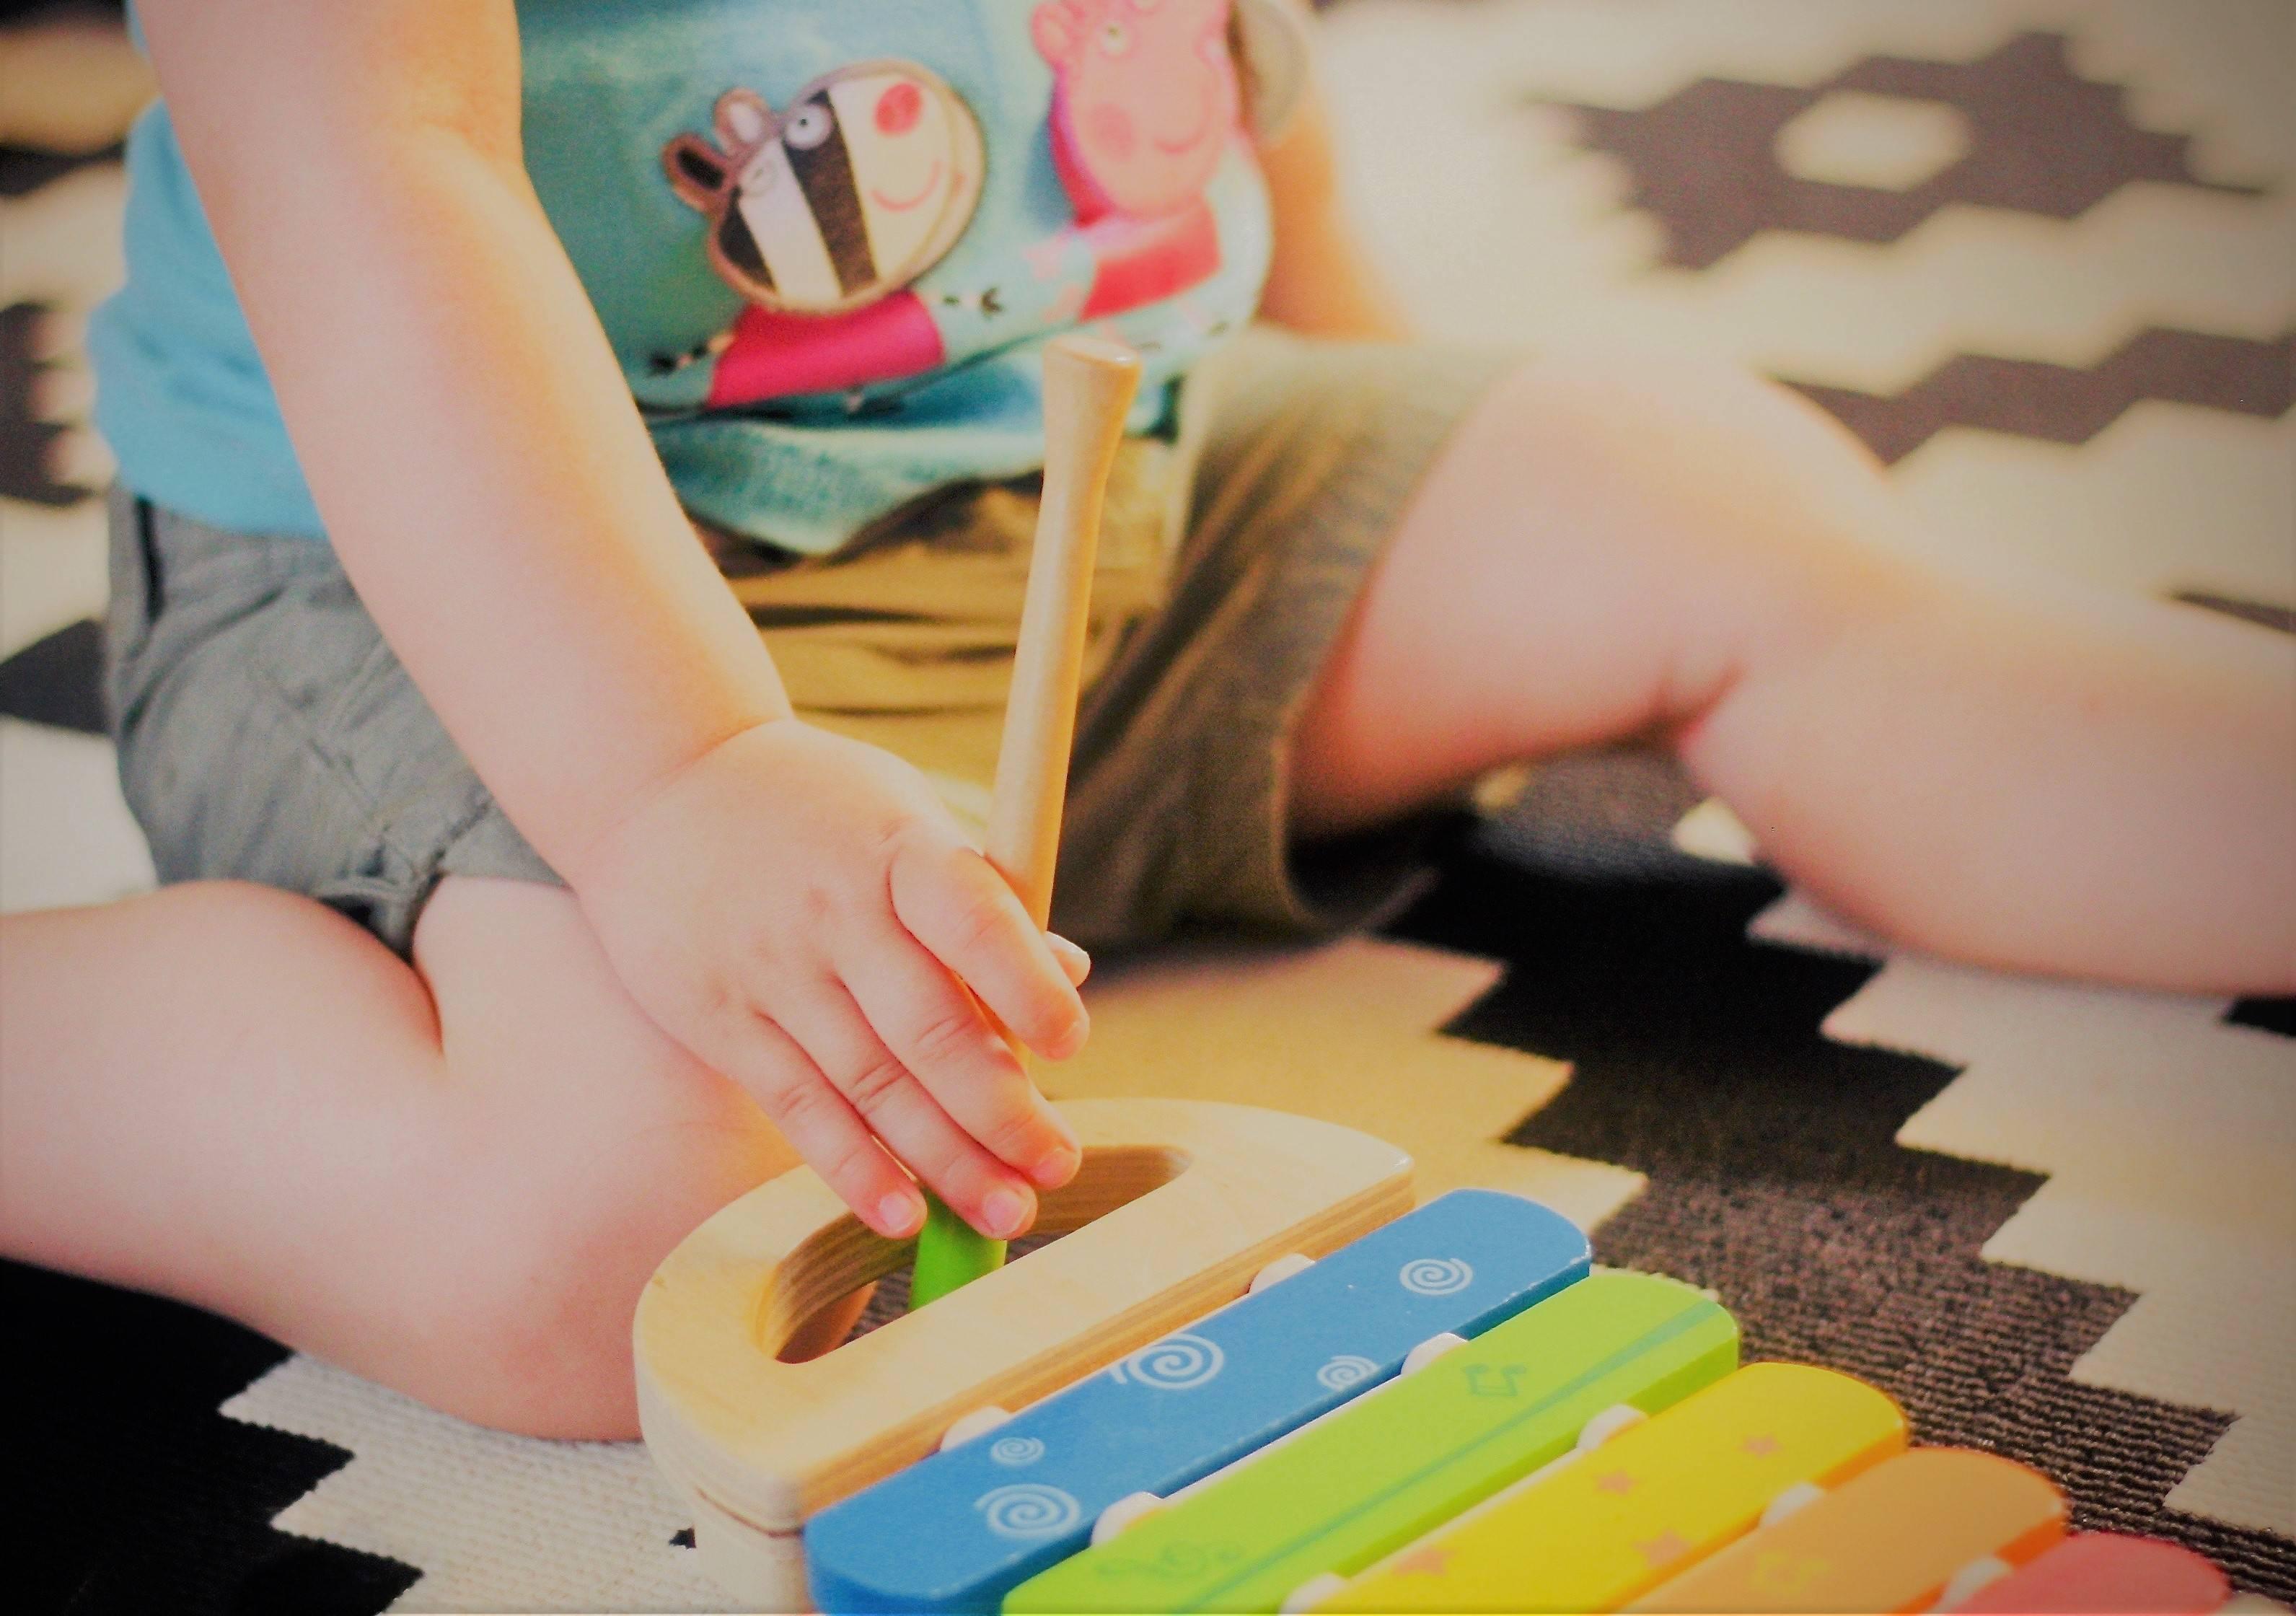 www.juicysantos.com.br - programação infantil em santos - santos para crianças oficina musical